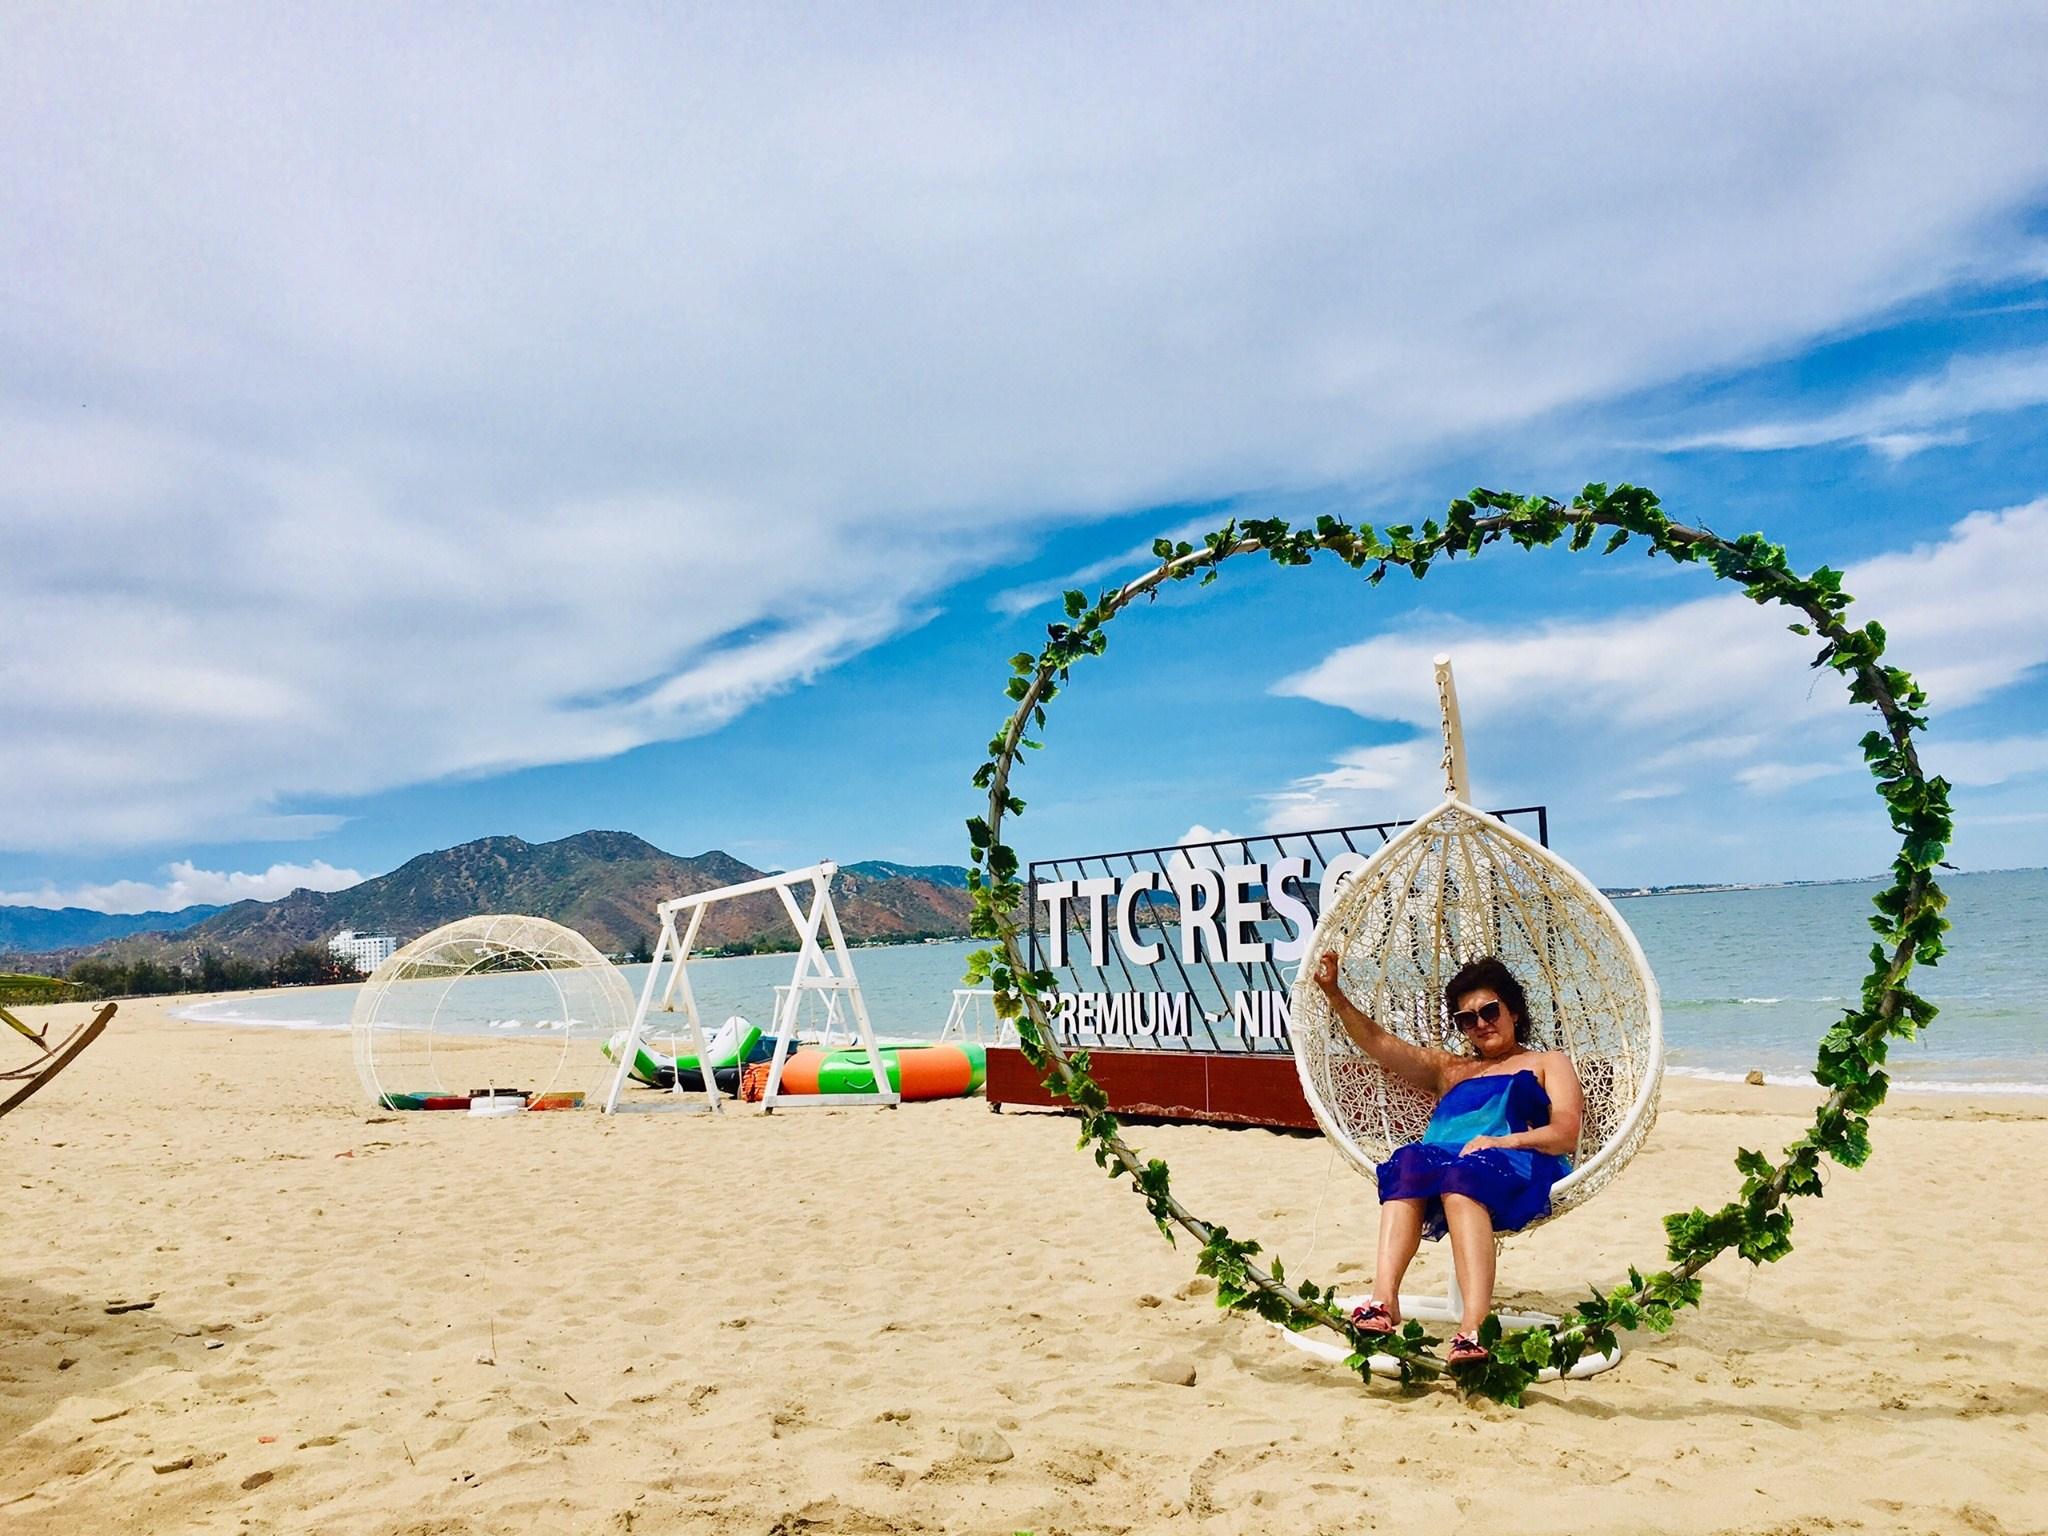 Biển Ninh Chữ Ninh Thuận: Có gì chơi, kinh nghiệm tham quan, ăn uống